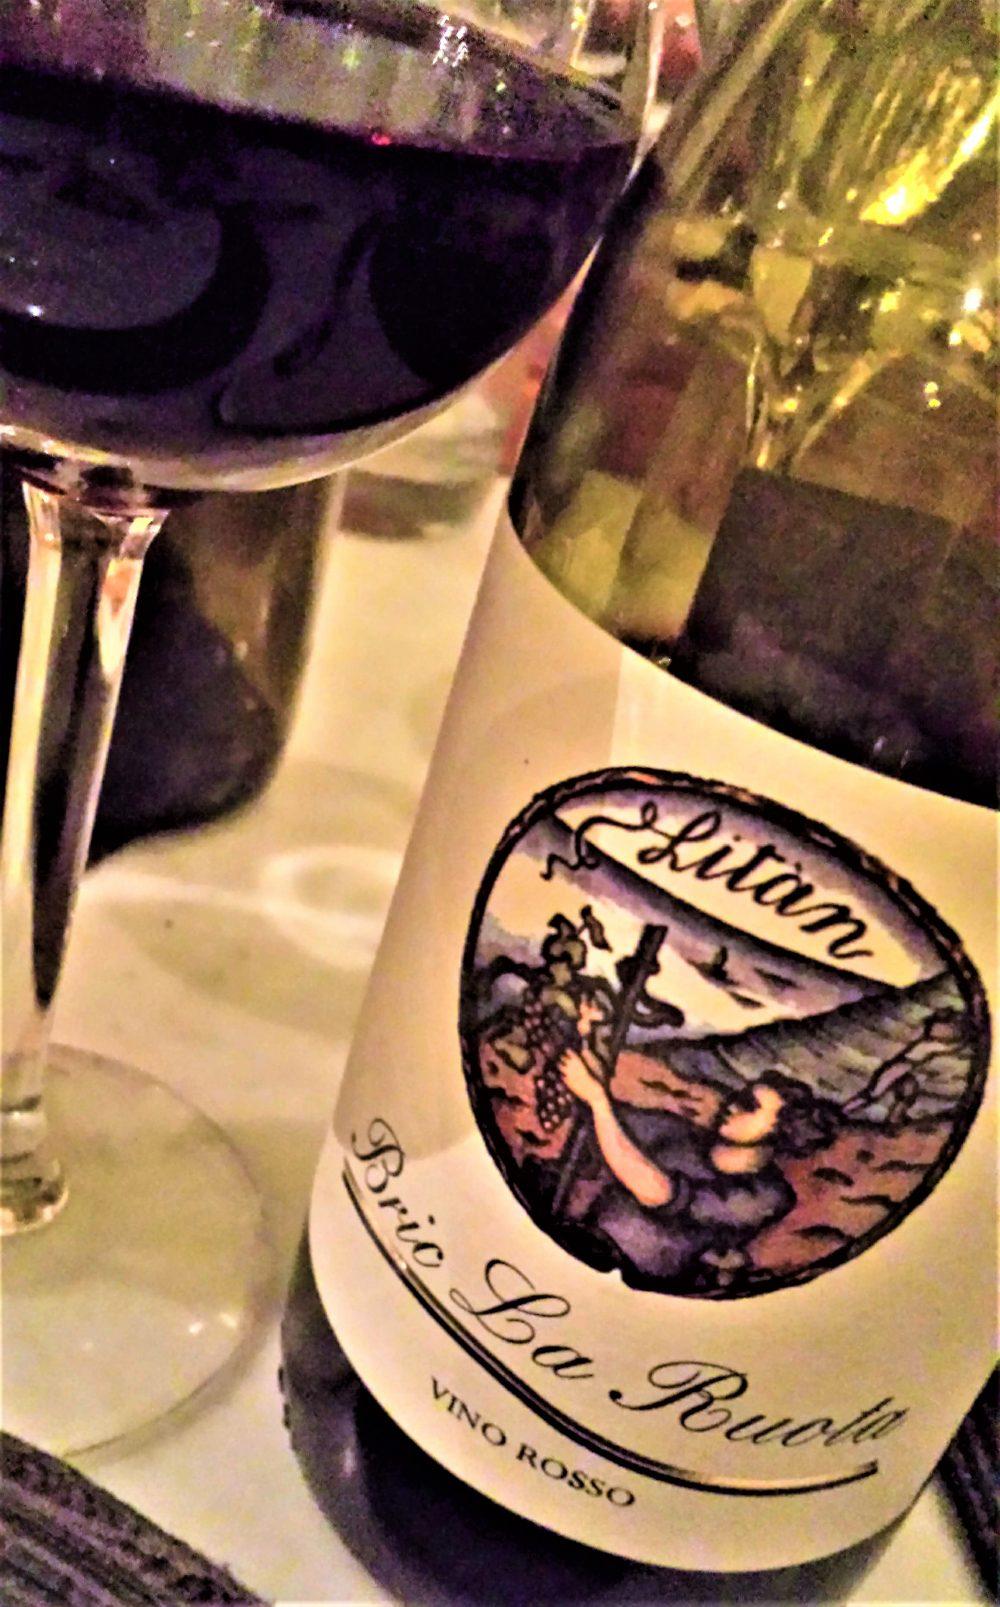 Vino Rosso Bric la Ruota 2015, Pinot Nero, Cantine Litan